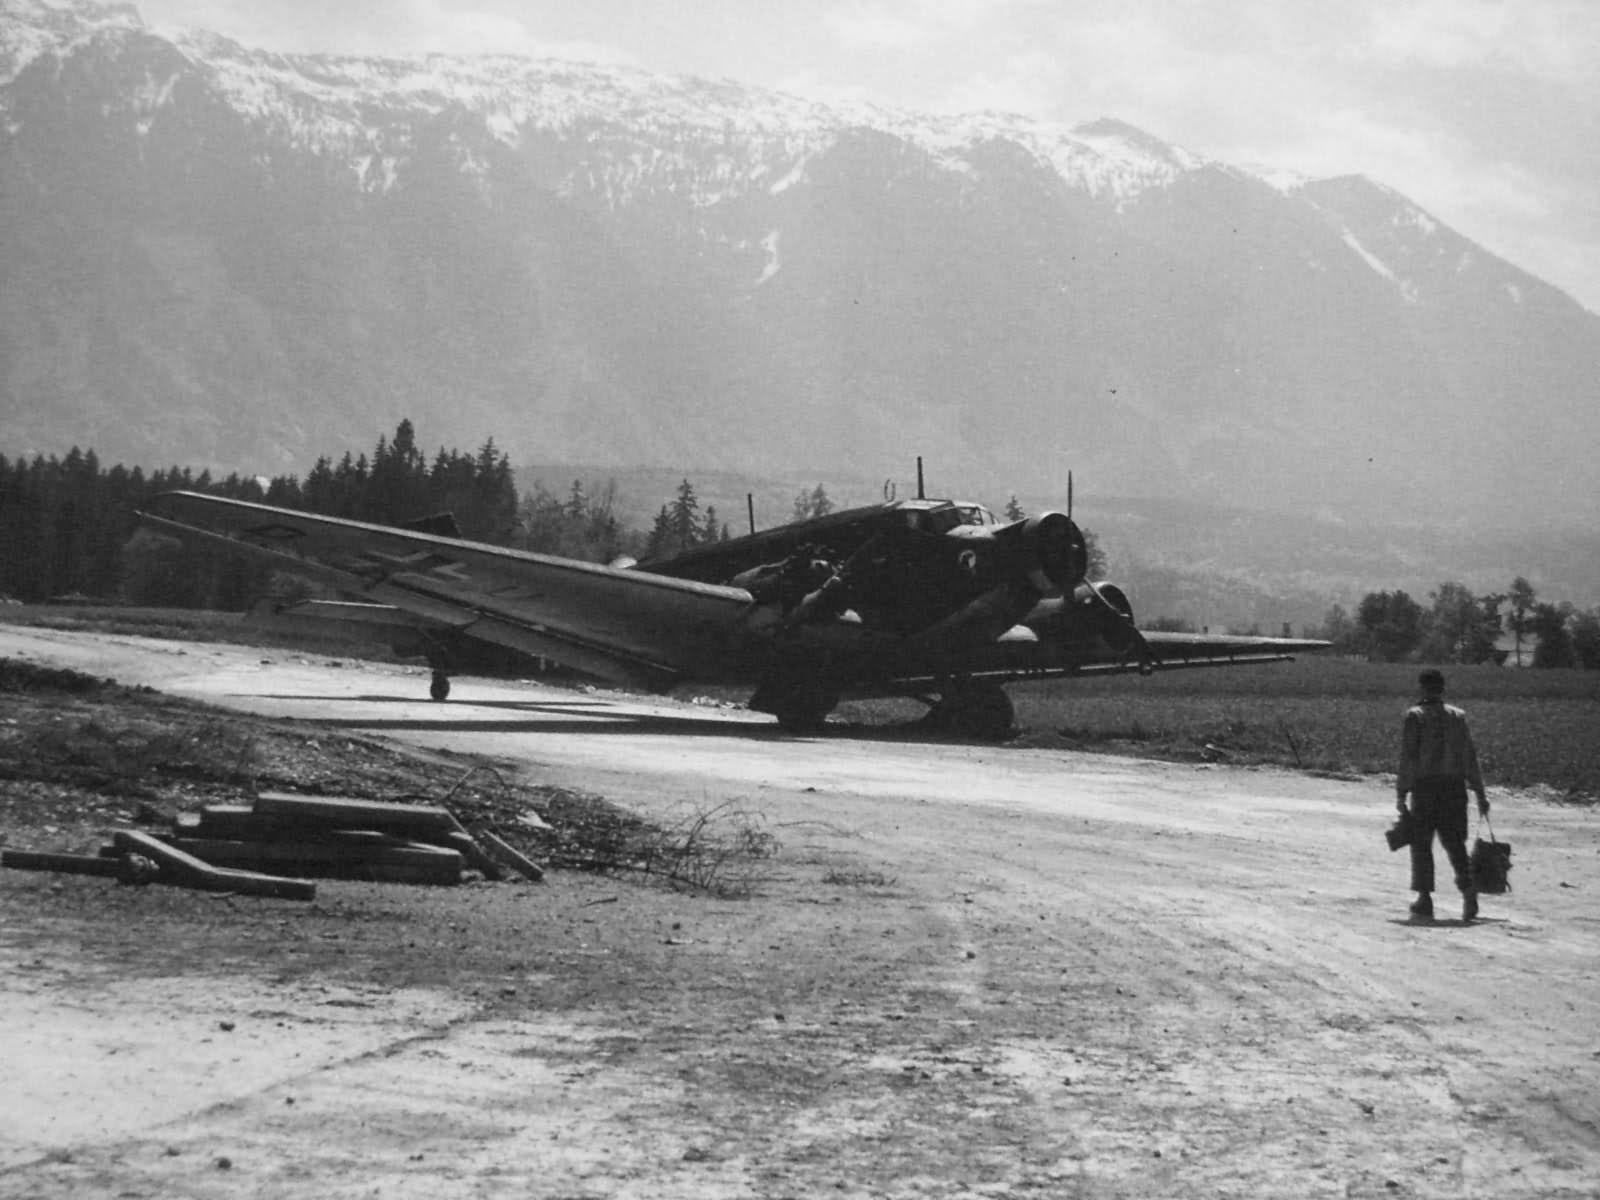 Junkers Ju 52 Tante Ju Salzburg Austria 1945